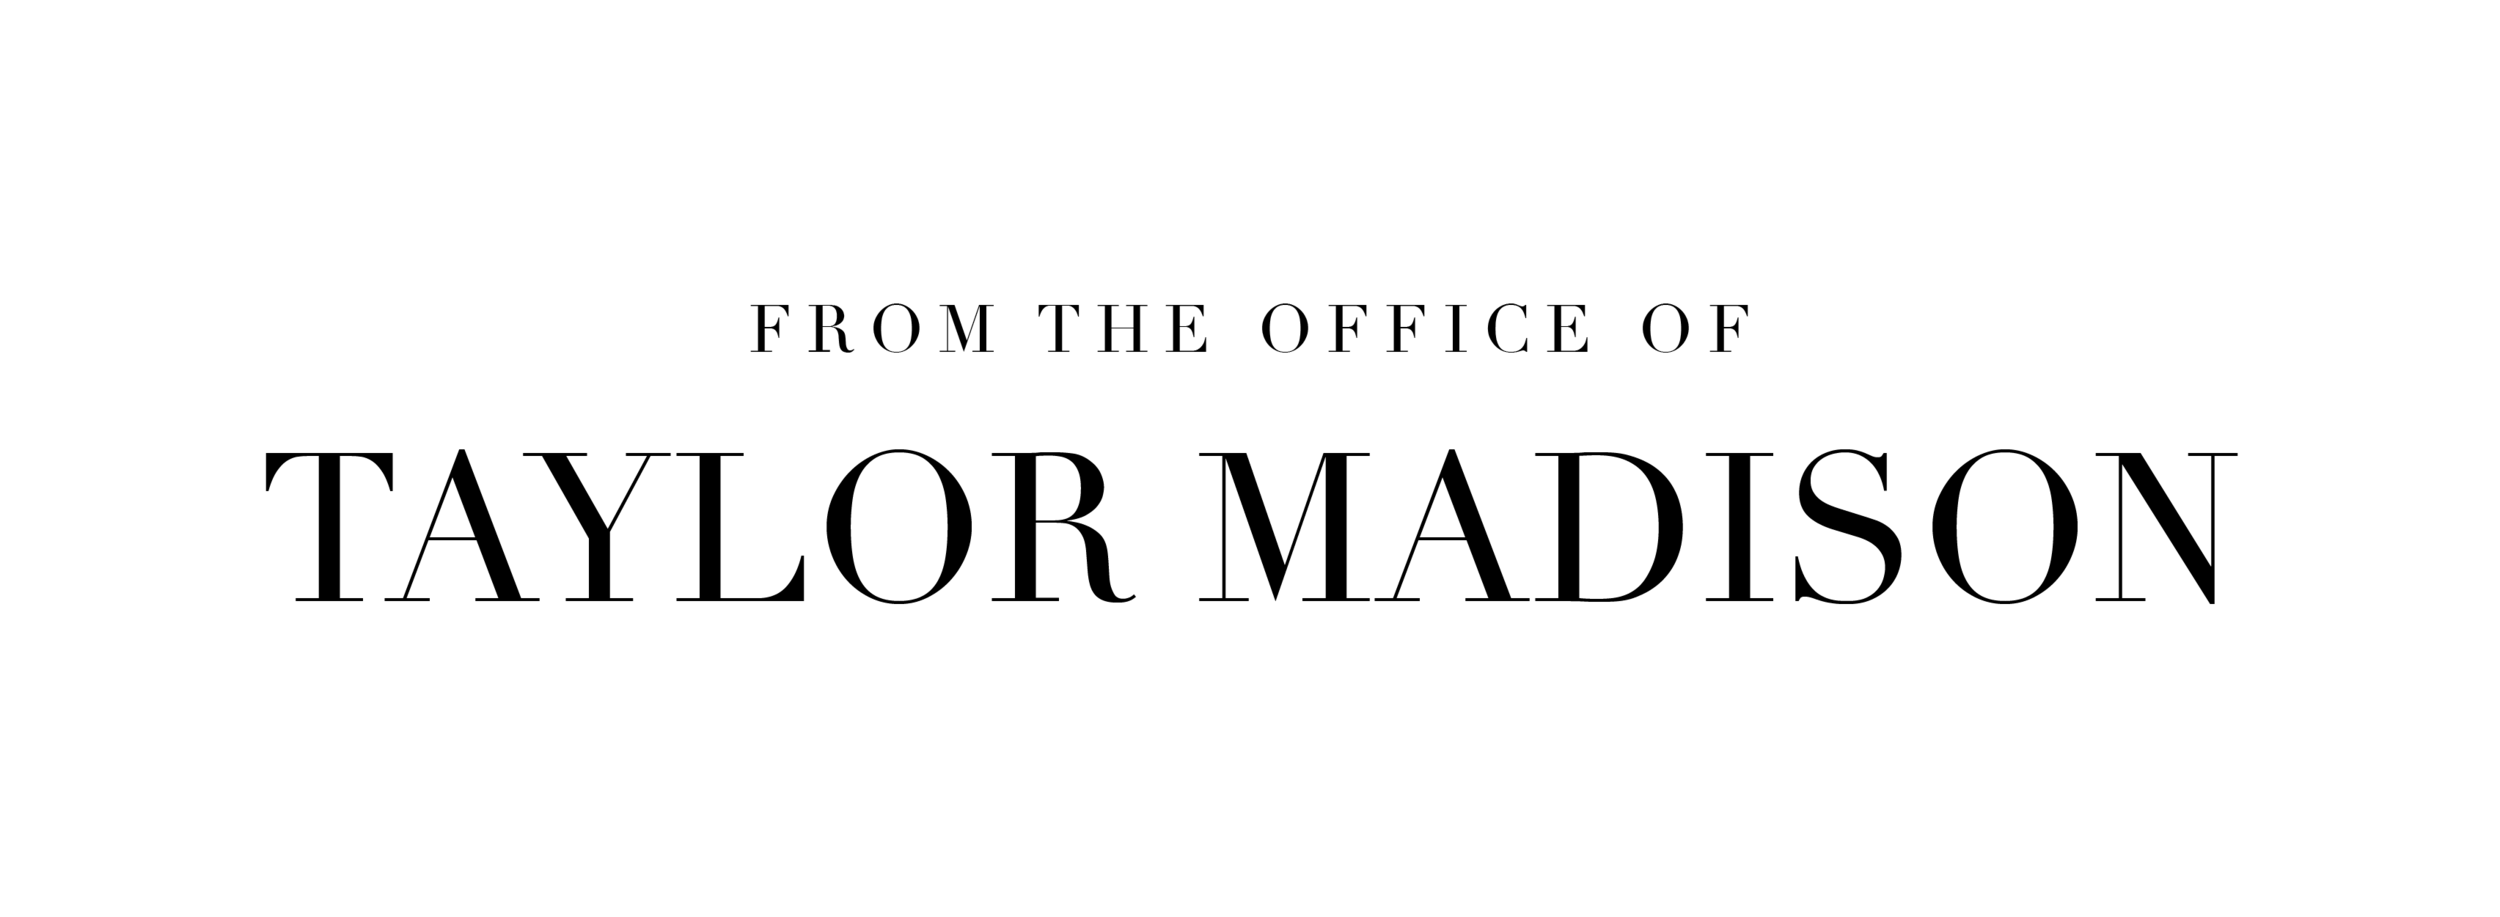 TM_letterhead-02.png